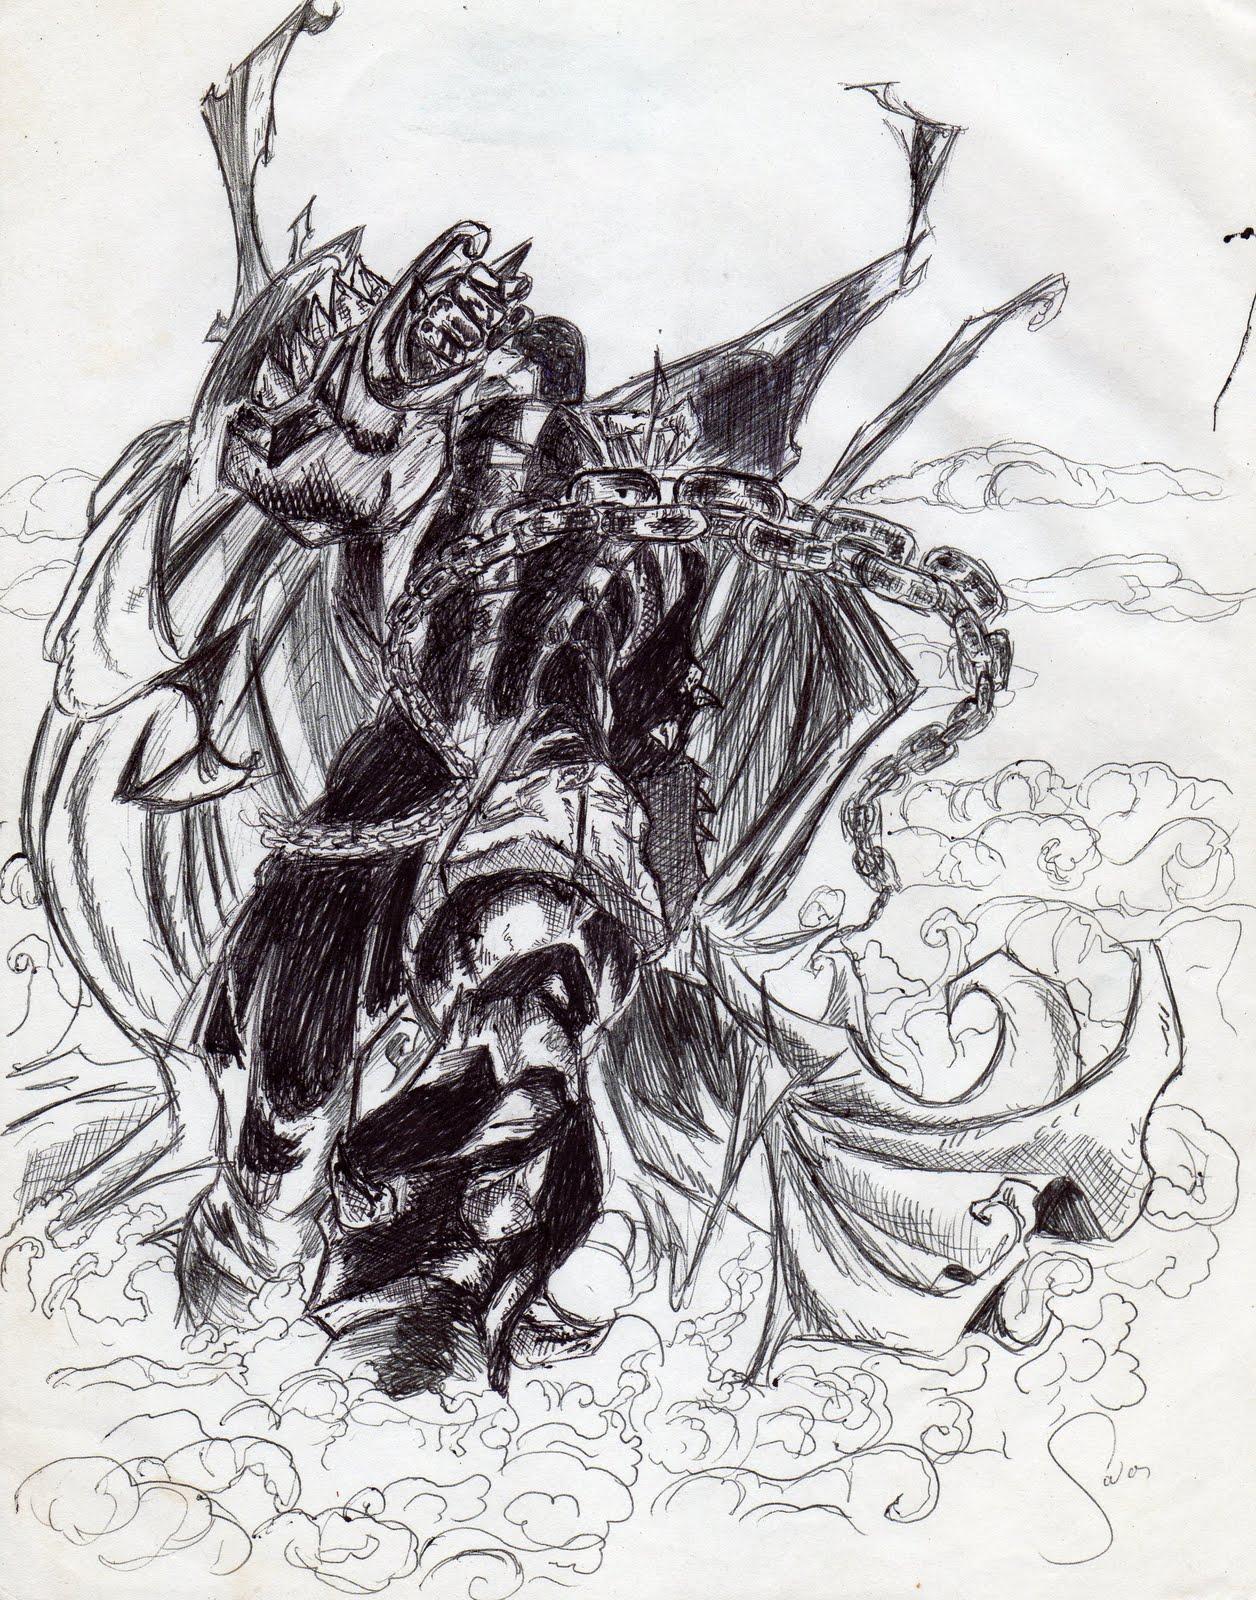 El sitio de Abraham : dibujos, películas, libros, comics: julio 2010